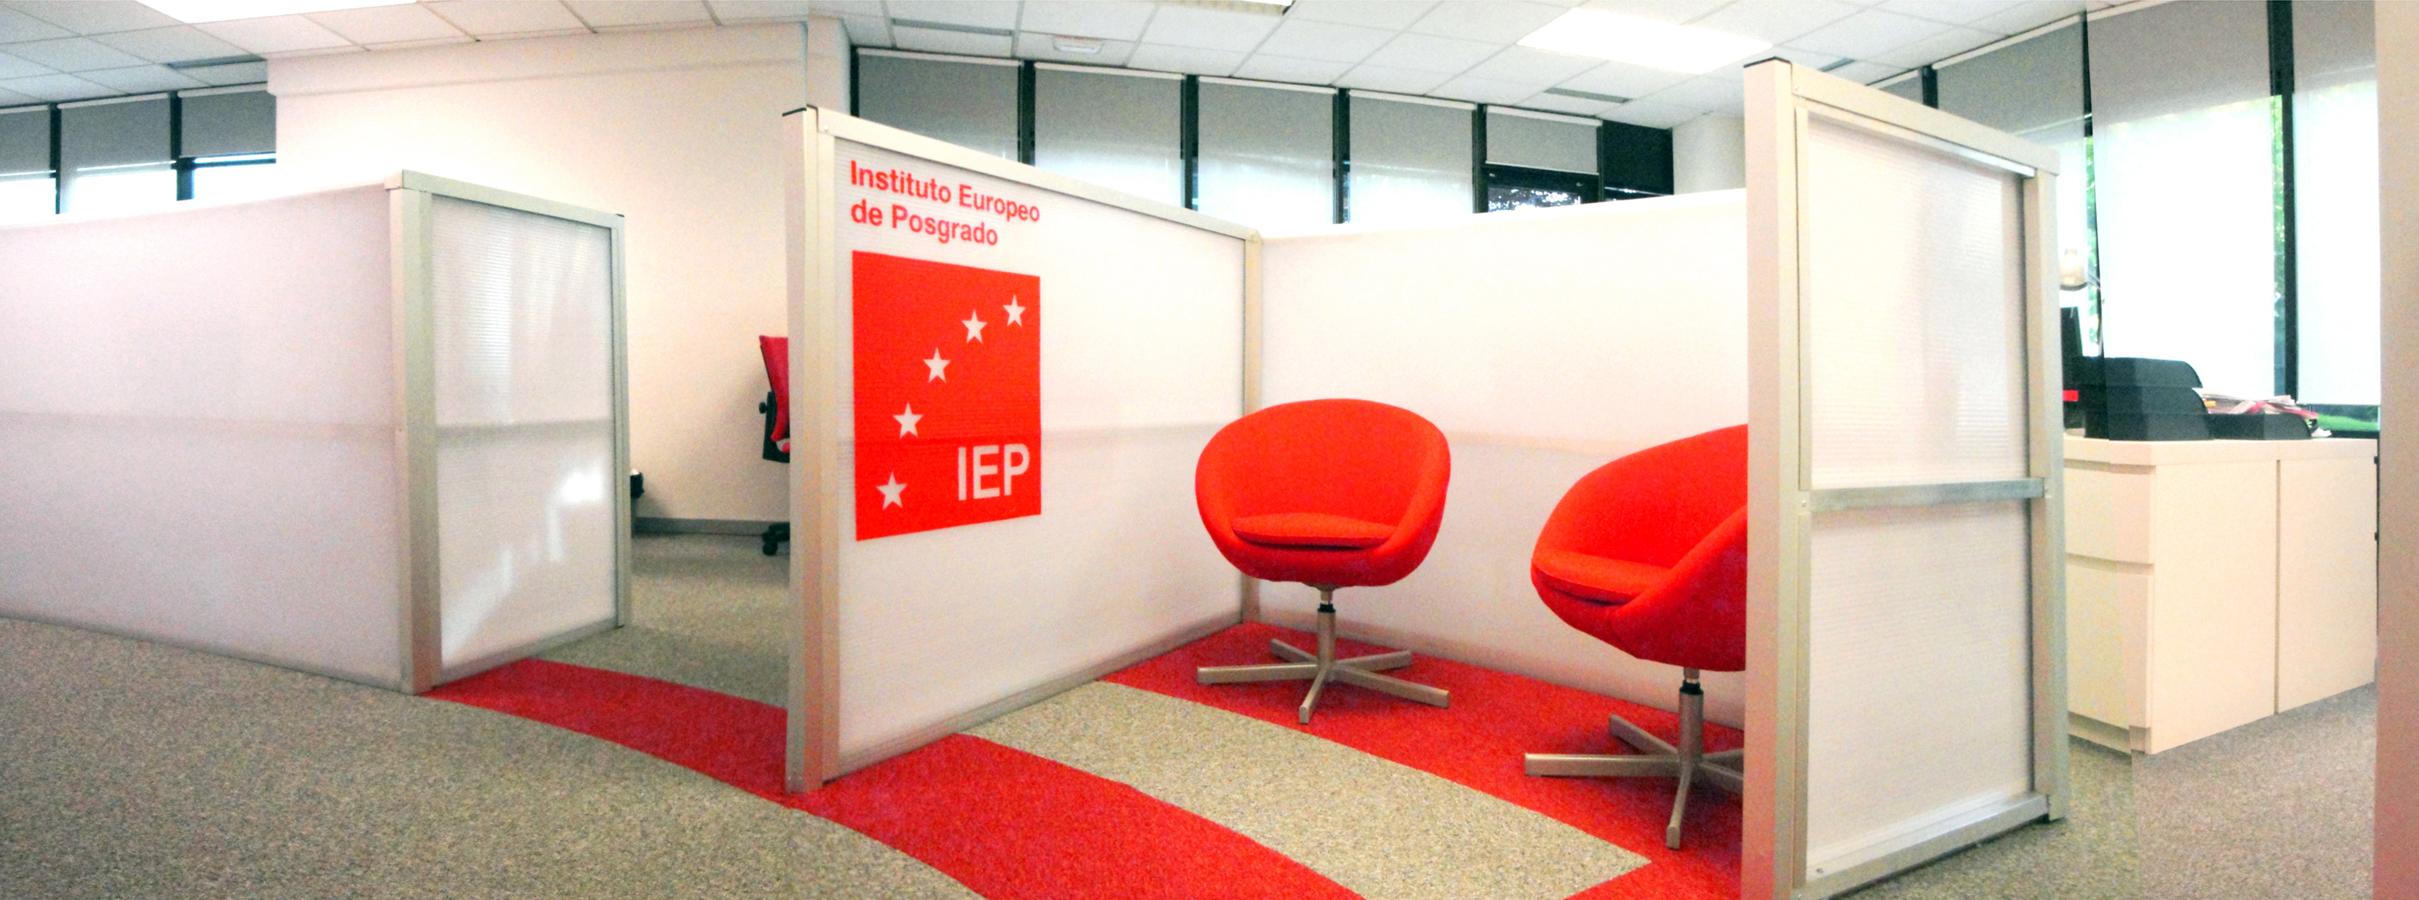 Oficina en alcobendas para instituto europeo de posgrado for Proyecto oficina